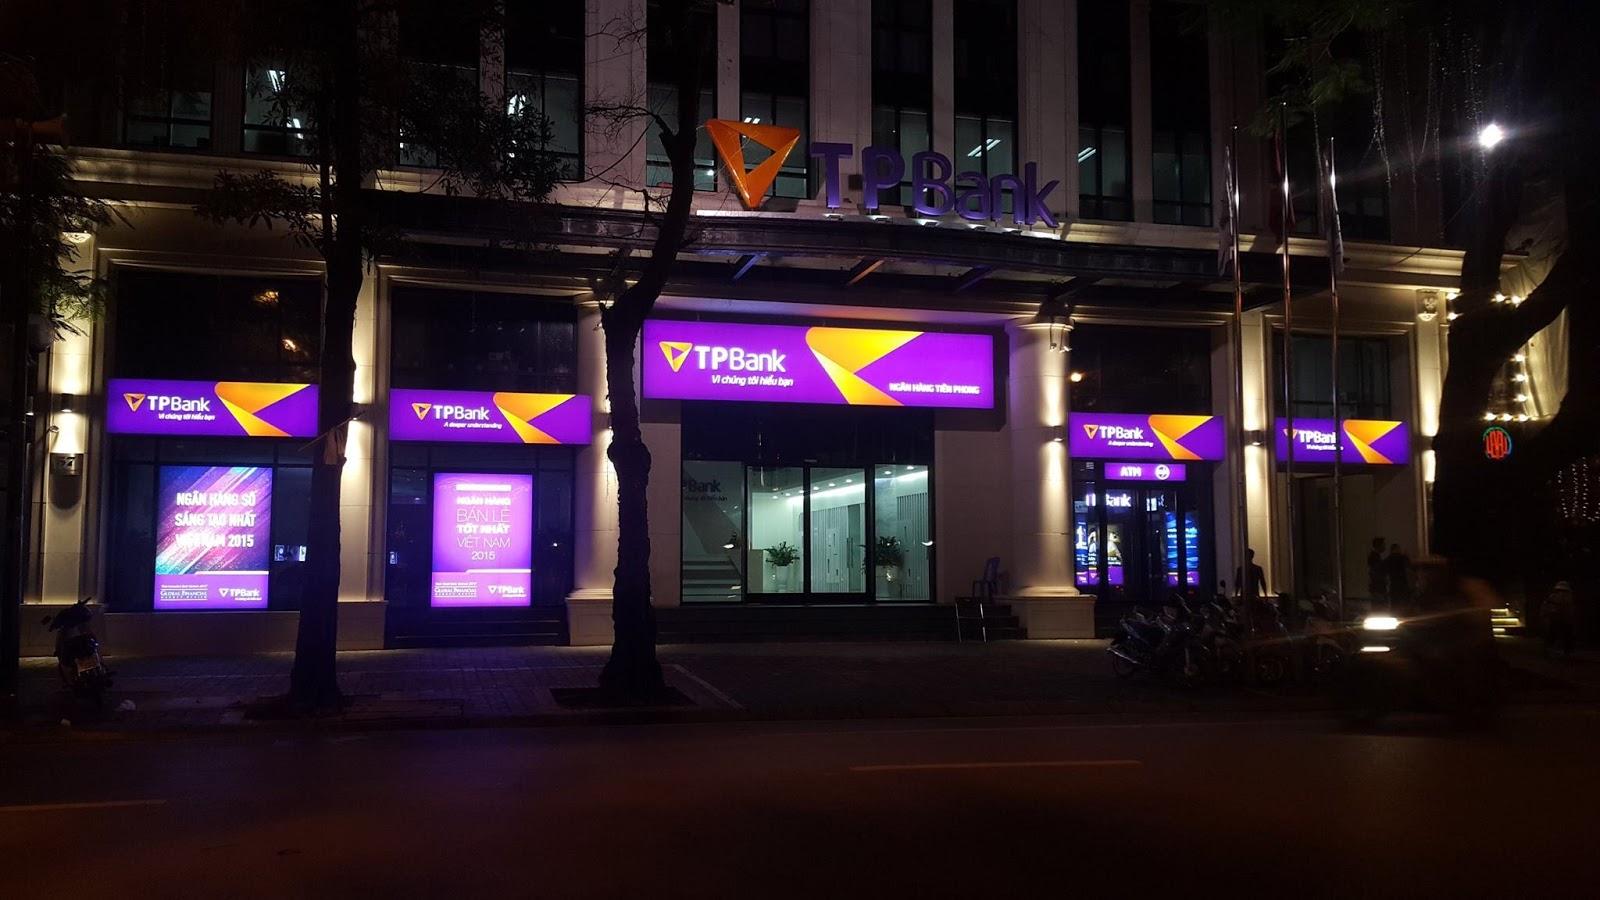 biển hiệu ngân hàng TP Bank